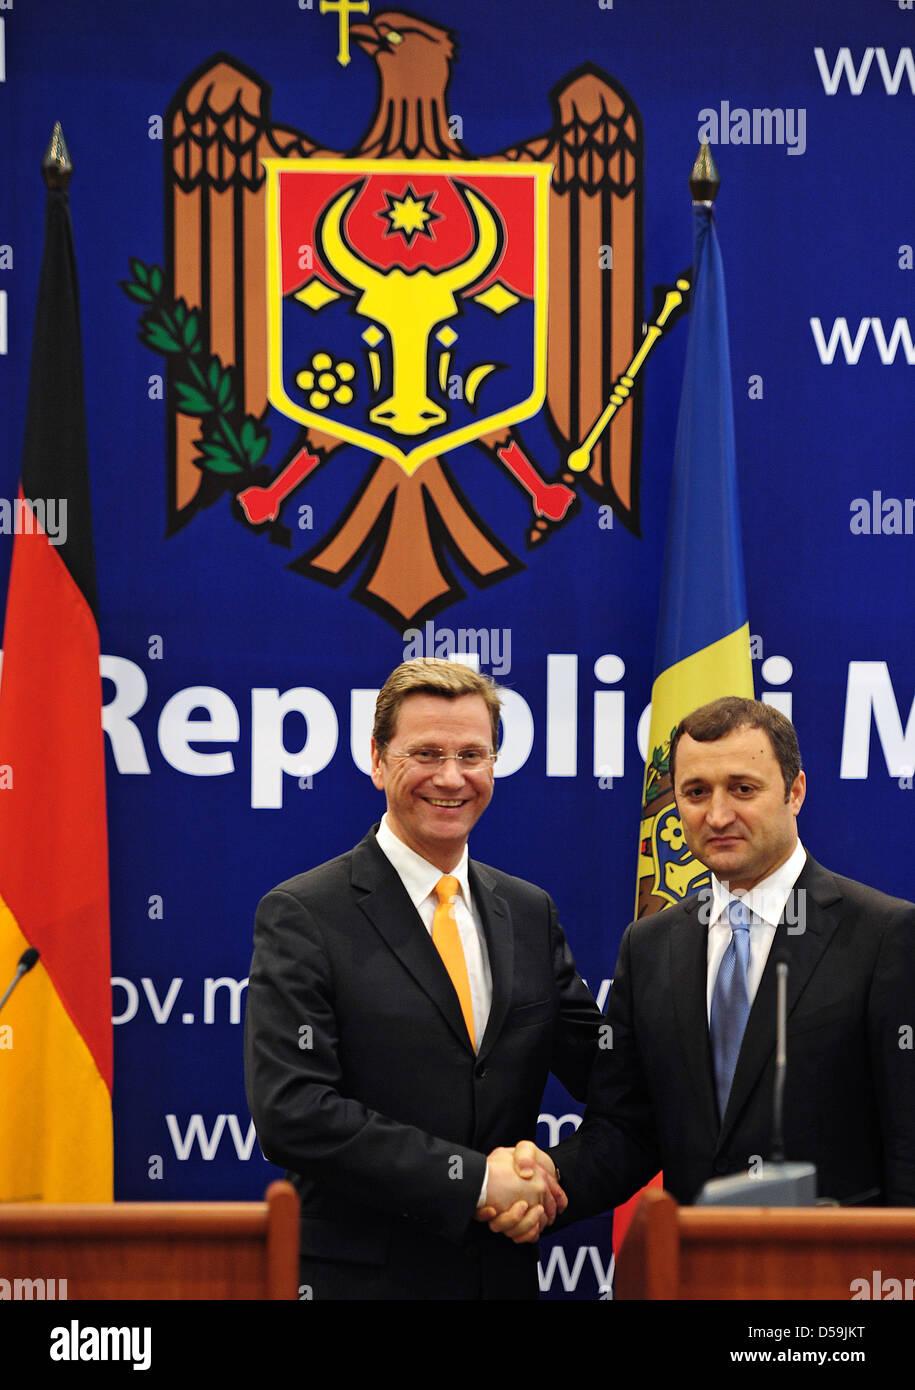 Außenminister Guido Westerwelle (FDP, l) gibt am Freitag (25.06.2010) in Chisinau, Republik Moldau, zusammen - Stock Image